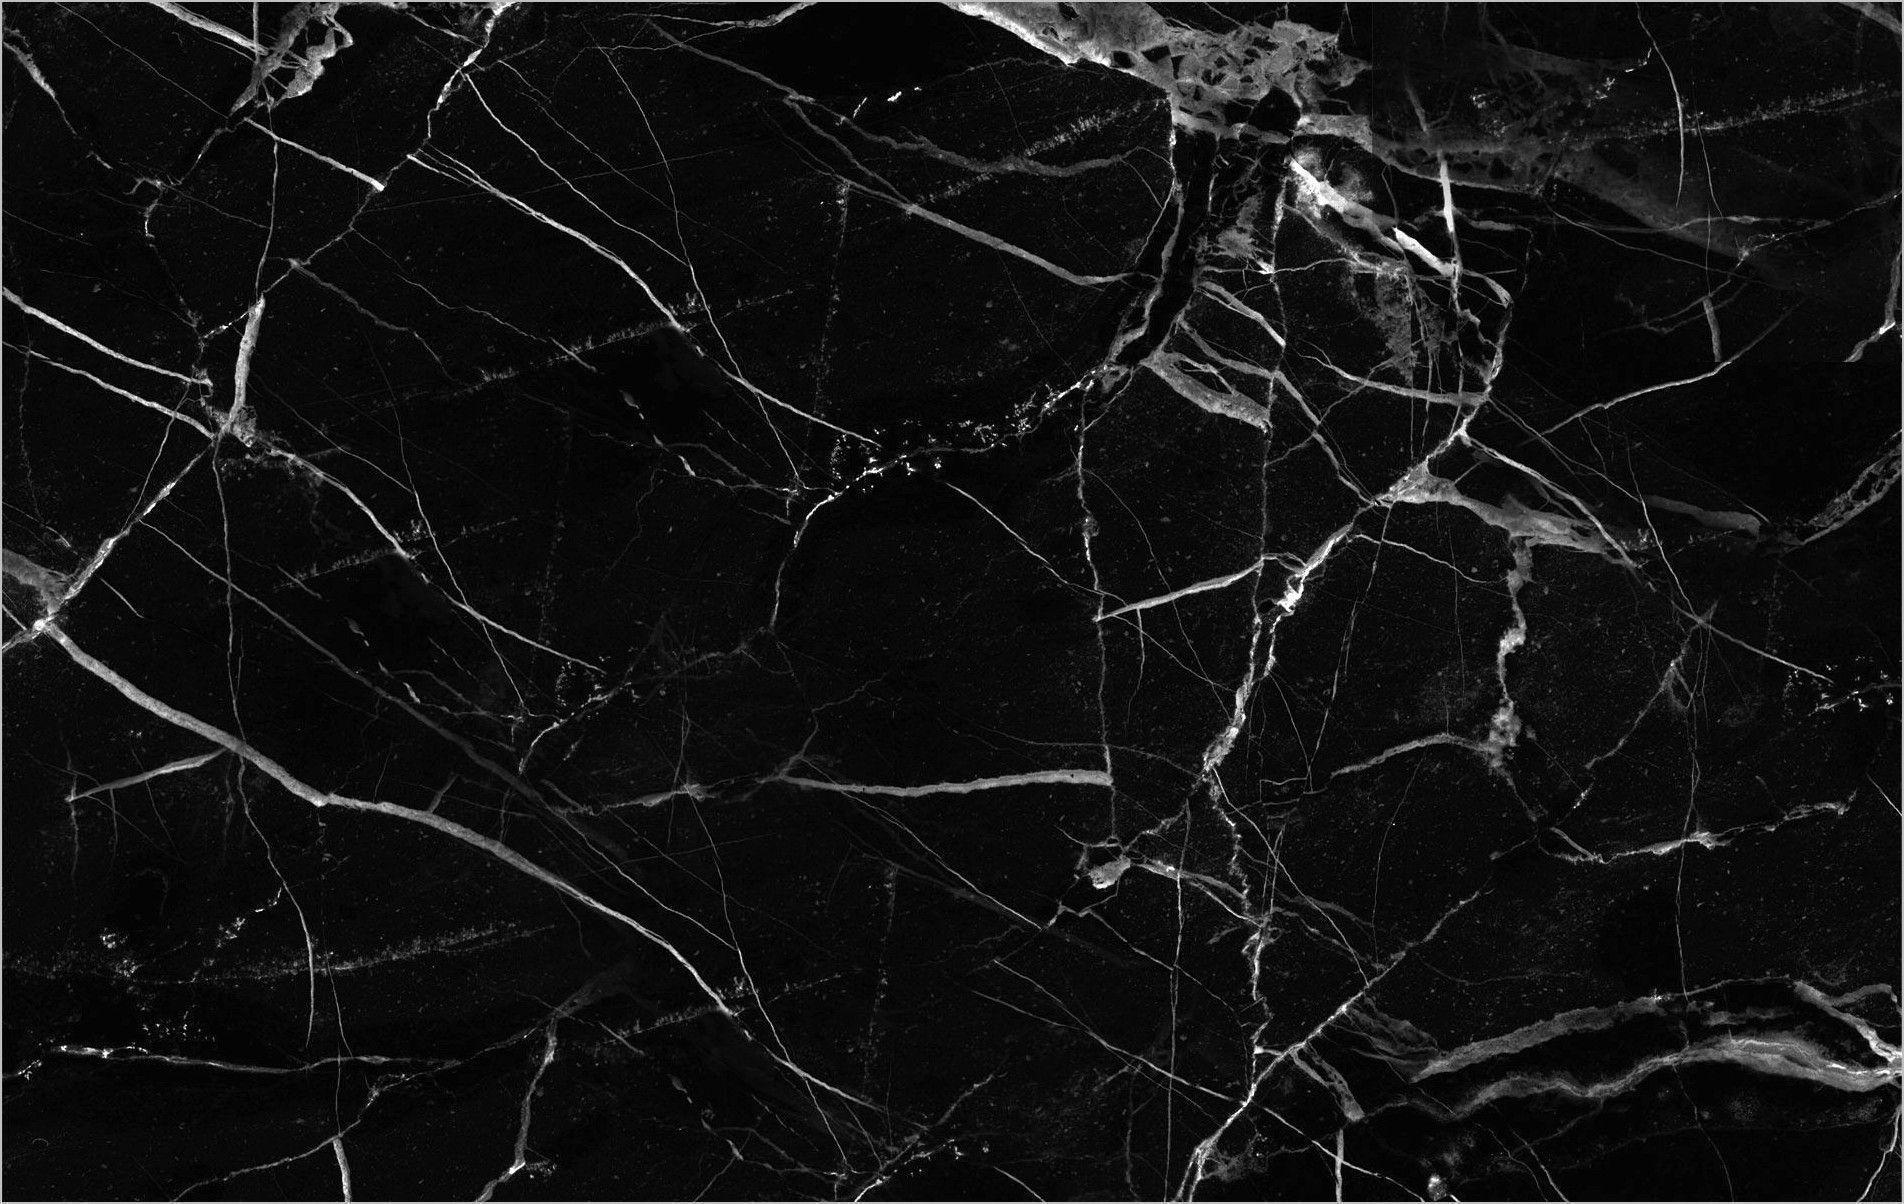 Amoled 4k Marble Stone Wallpaper Wallpaper Hd Ikan Cupang